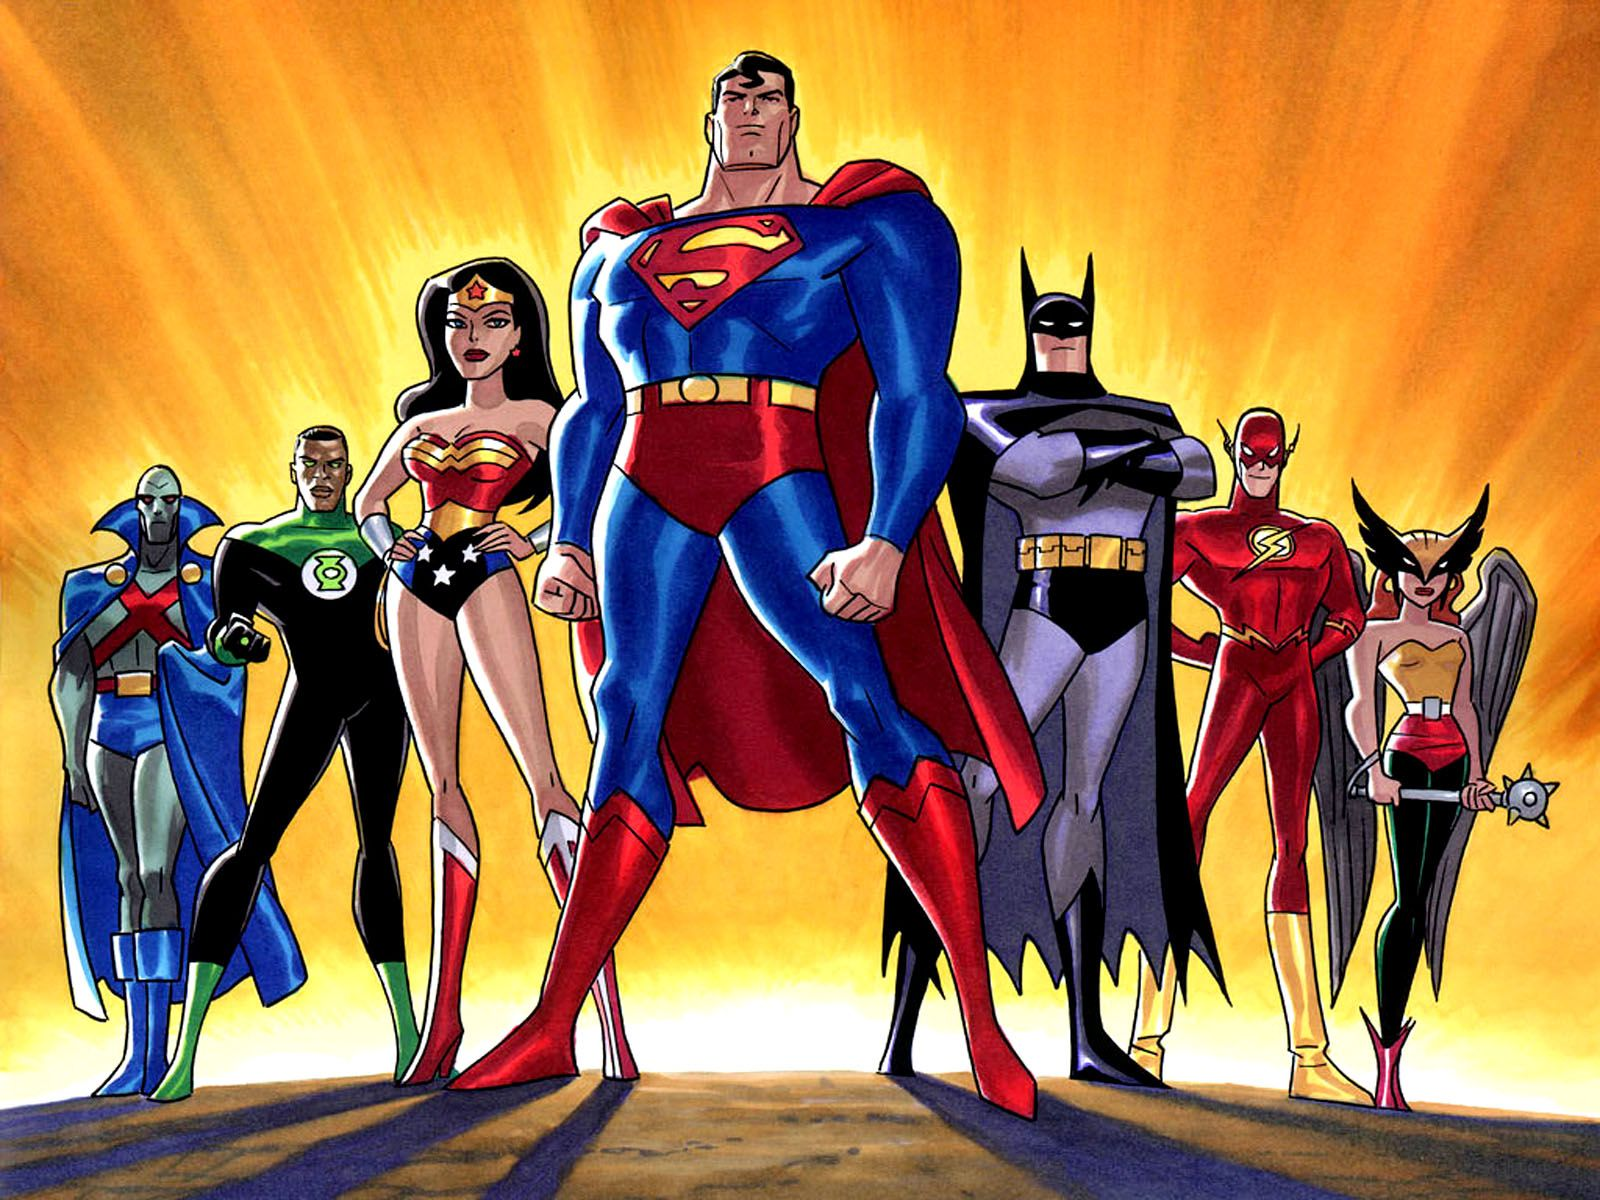 Dc Super Heroes Dc Comics All Super Heroes Hd Wallpapers Download